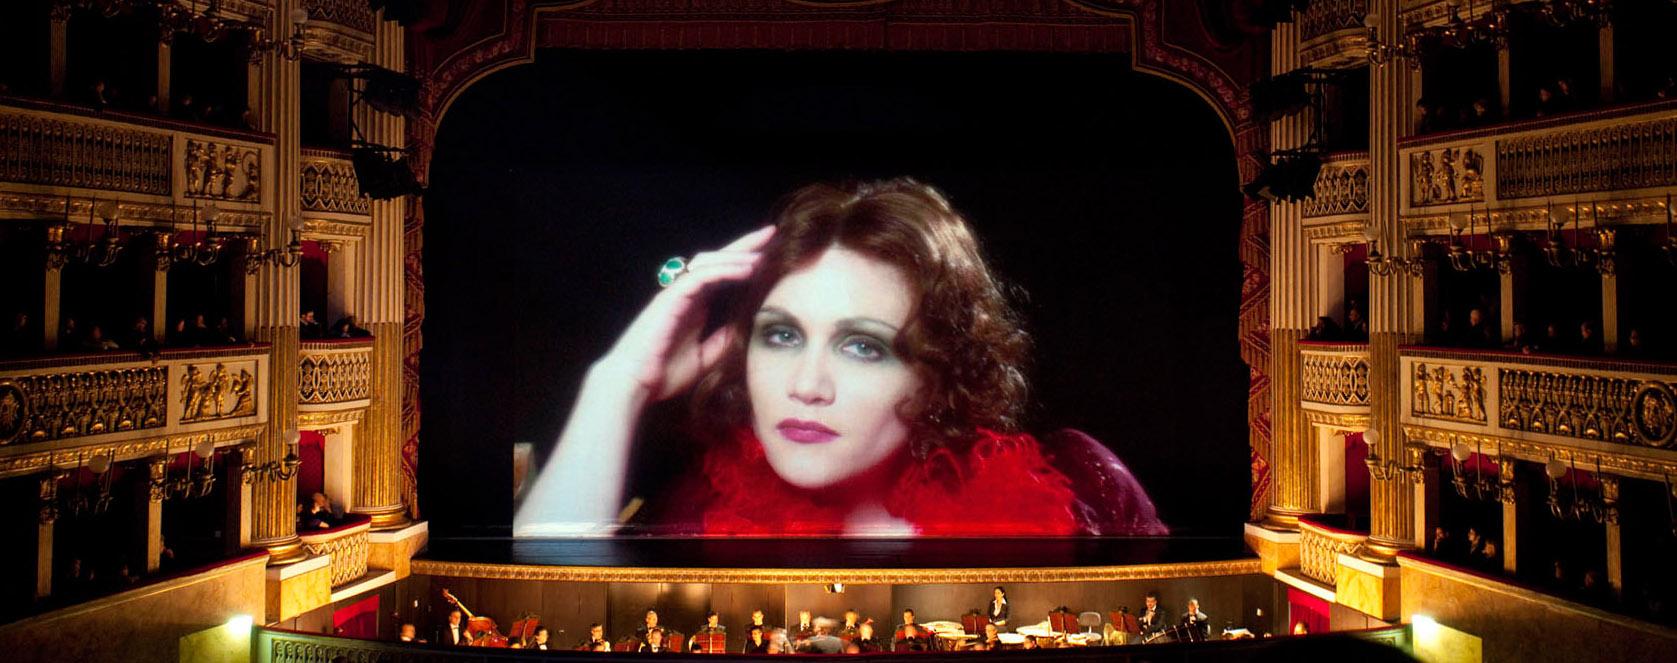 Teatro di San Carlo - LA TRAVIATA di Giuseppe Verdi -  Inauguraz